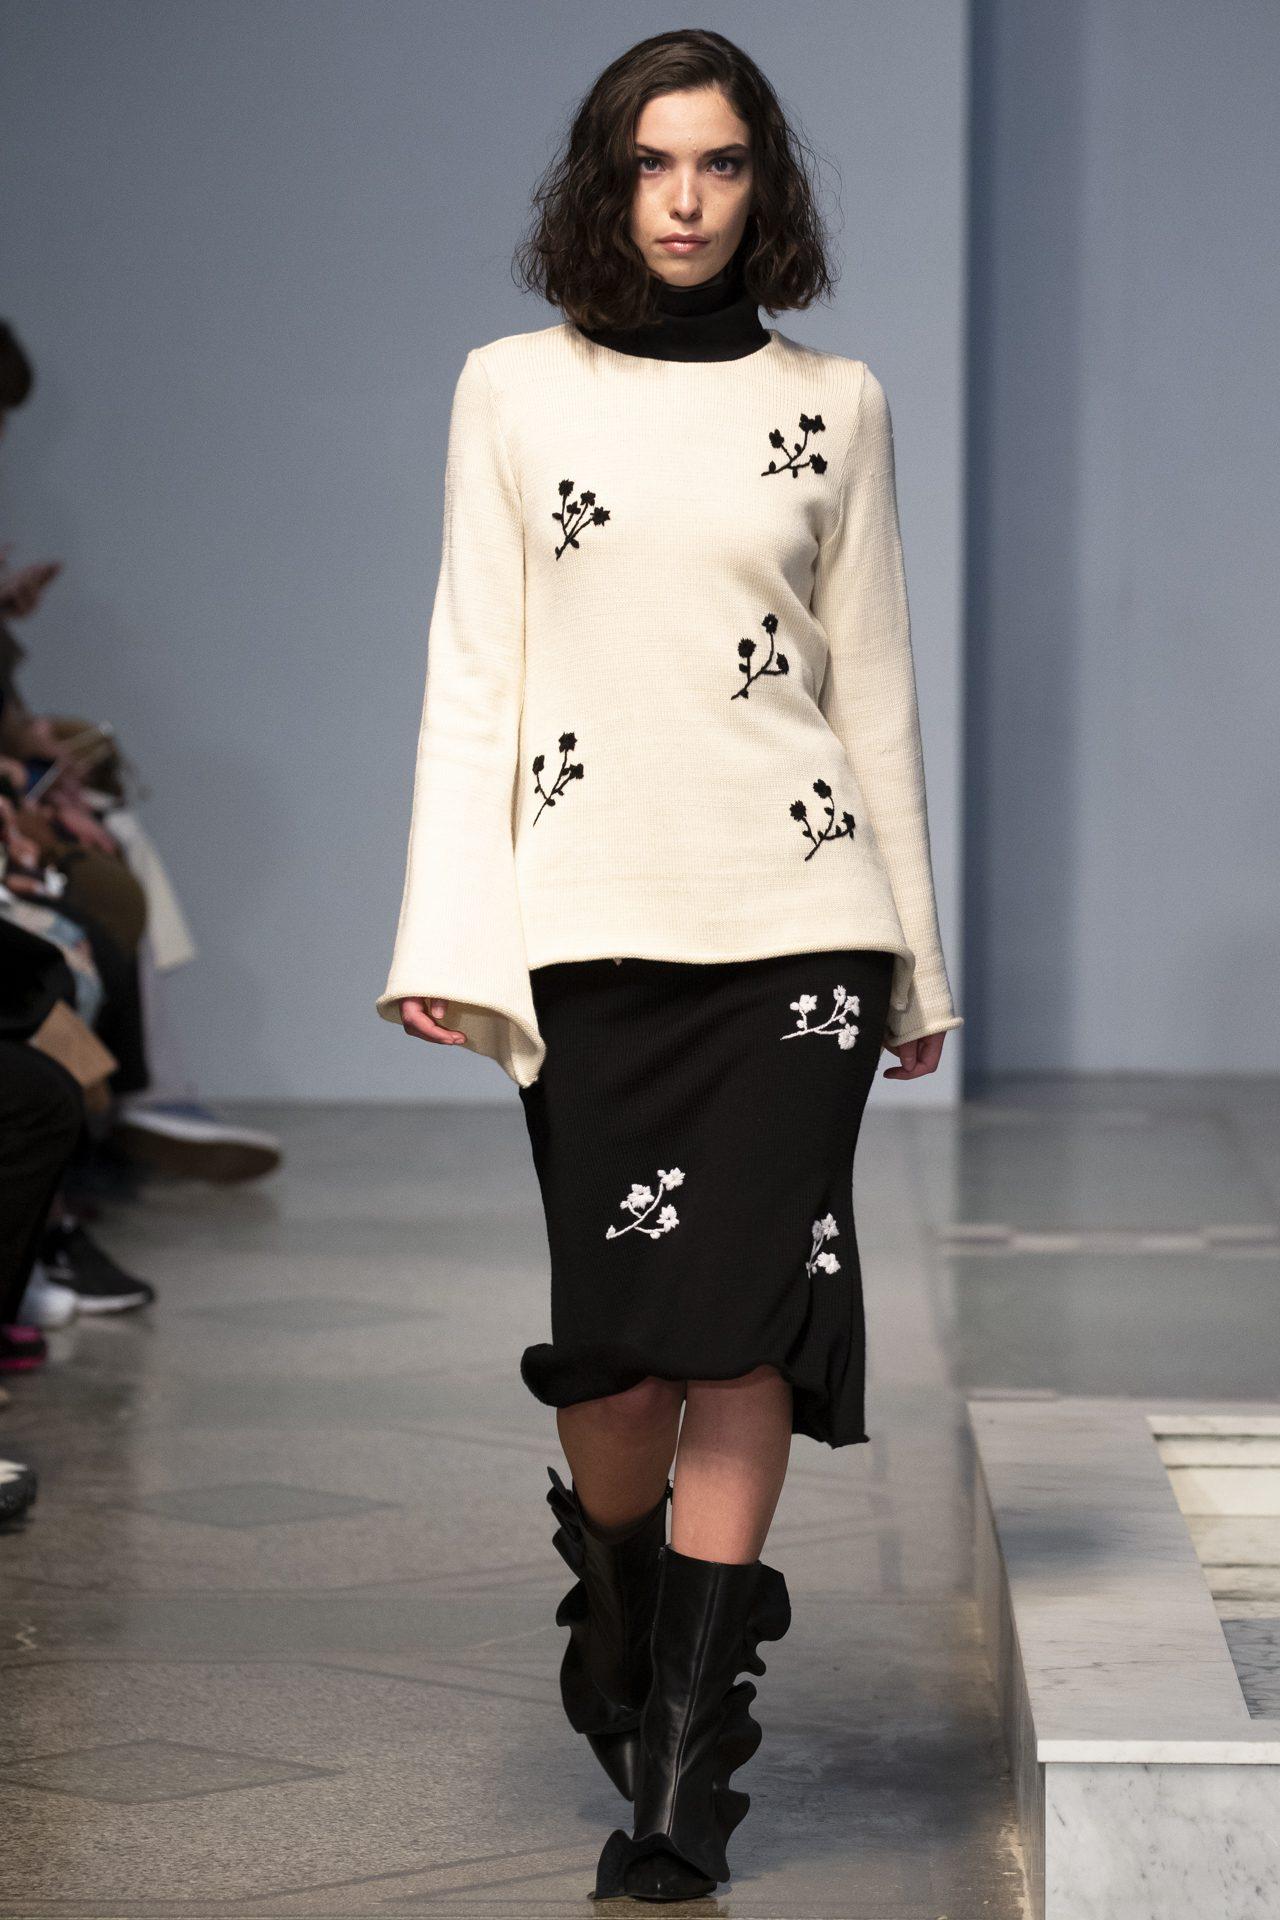 Ani Datukishvili белая трикотажная кофта с черной вышивкой 2019 с черной юбкой с белыми цветами